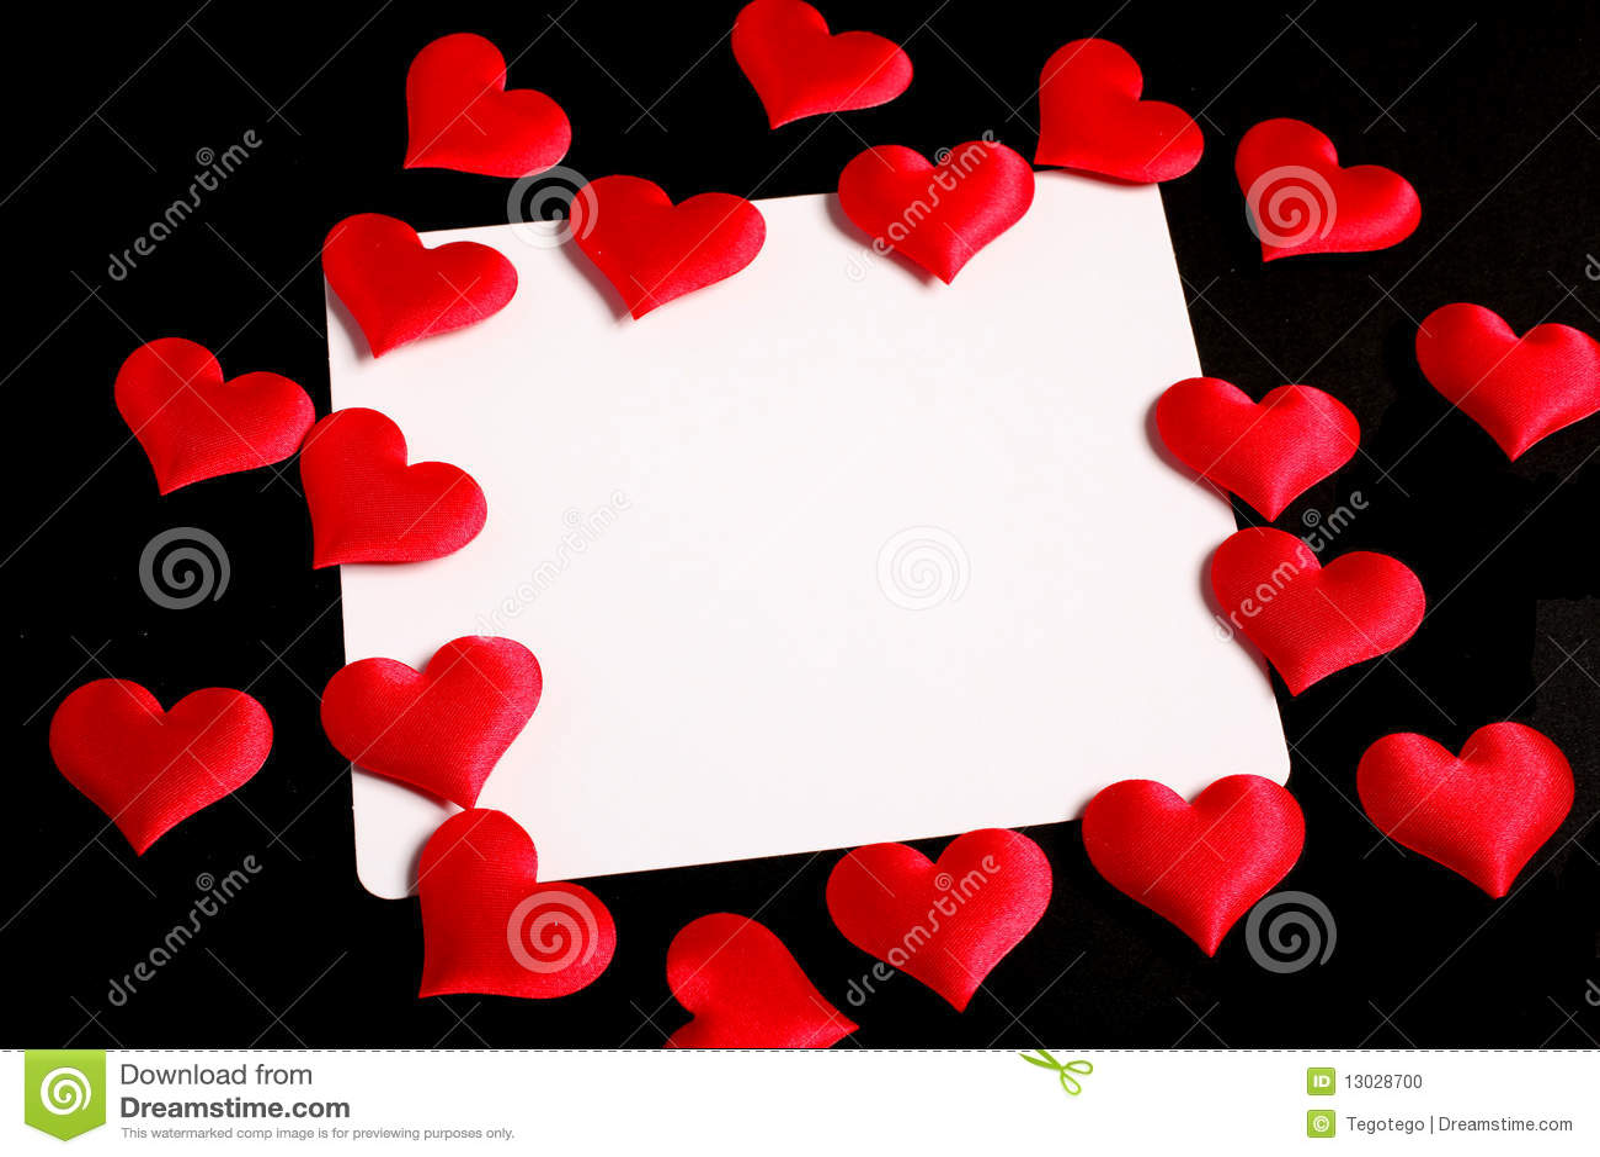 carte d 39 amour avec les coeurs rouges photo stock image. Black Bedroom Furniture Sets. Home Design Ideas